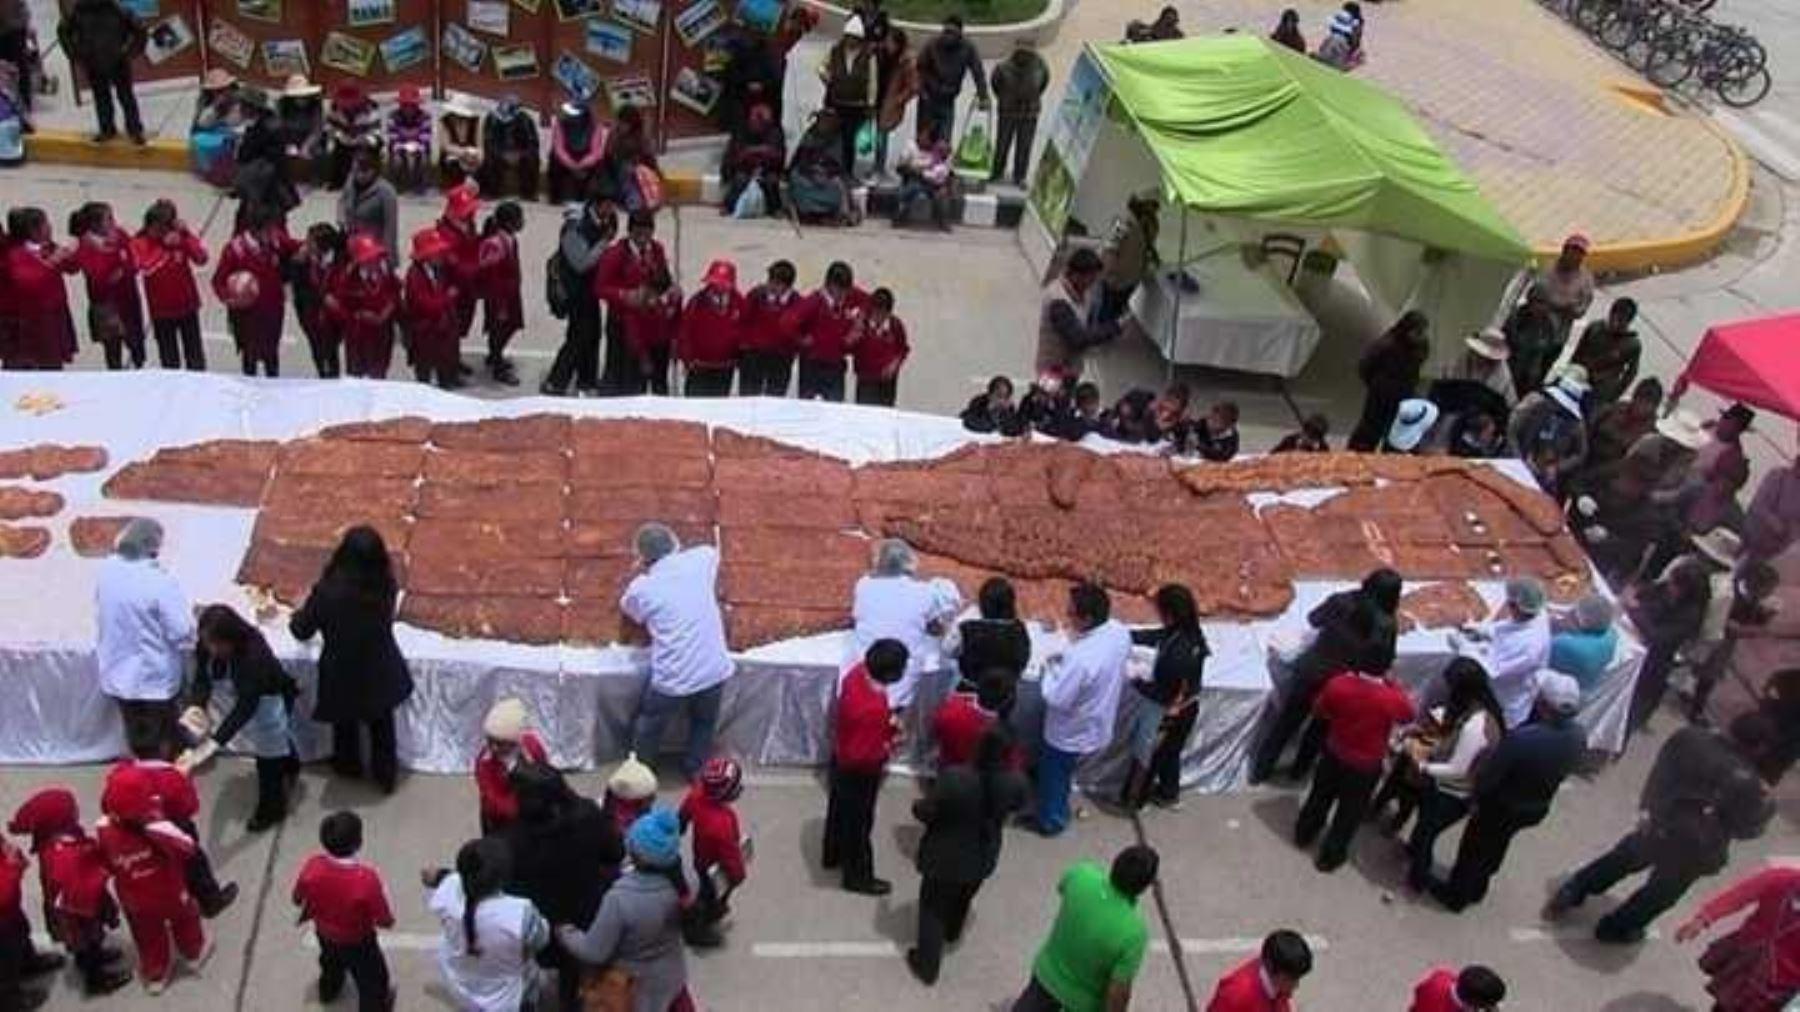 """Al conmemorarse el Día de los Difuntos, personal de la municipalidad provincial de Junín preparó la Tanta Wawa más grande del Perú, tradicional pan andino en forma de muñeco, preparado con harina de trigo, de maca y otros ingredientes oriundos de la zona, a la cual se bautizó con el nombre de """"Shimona""""."""